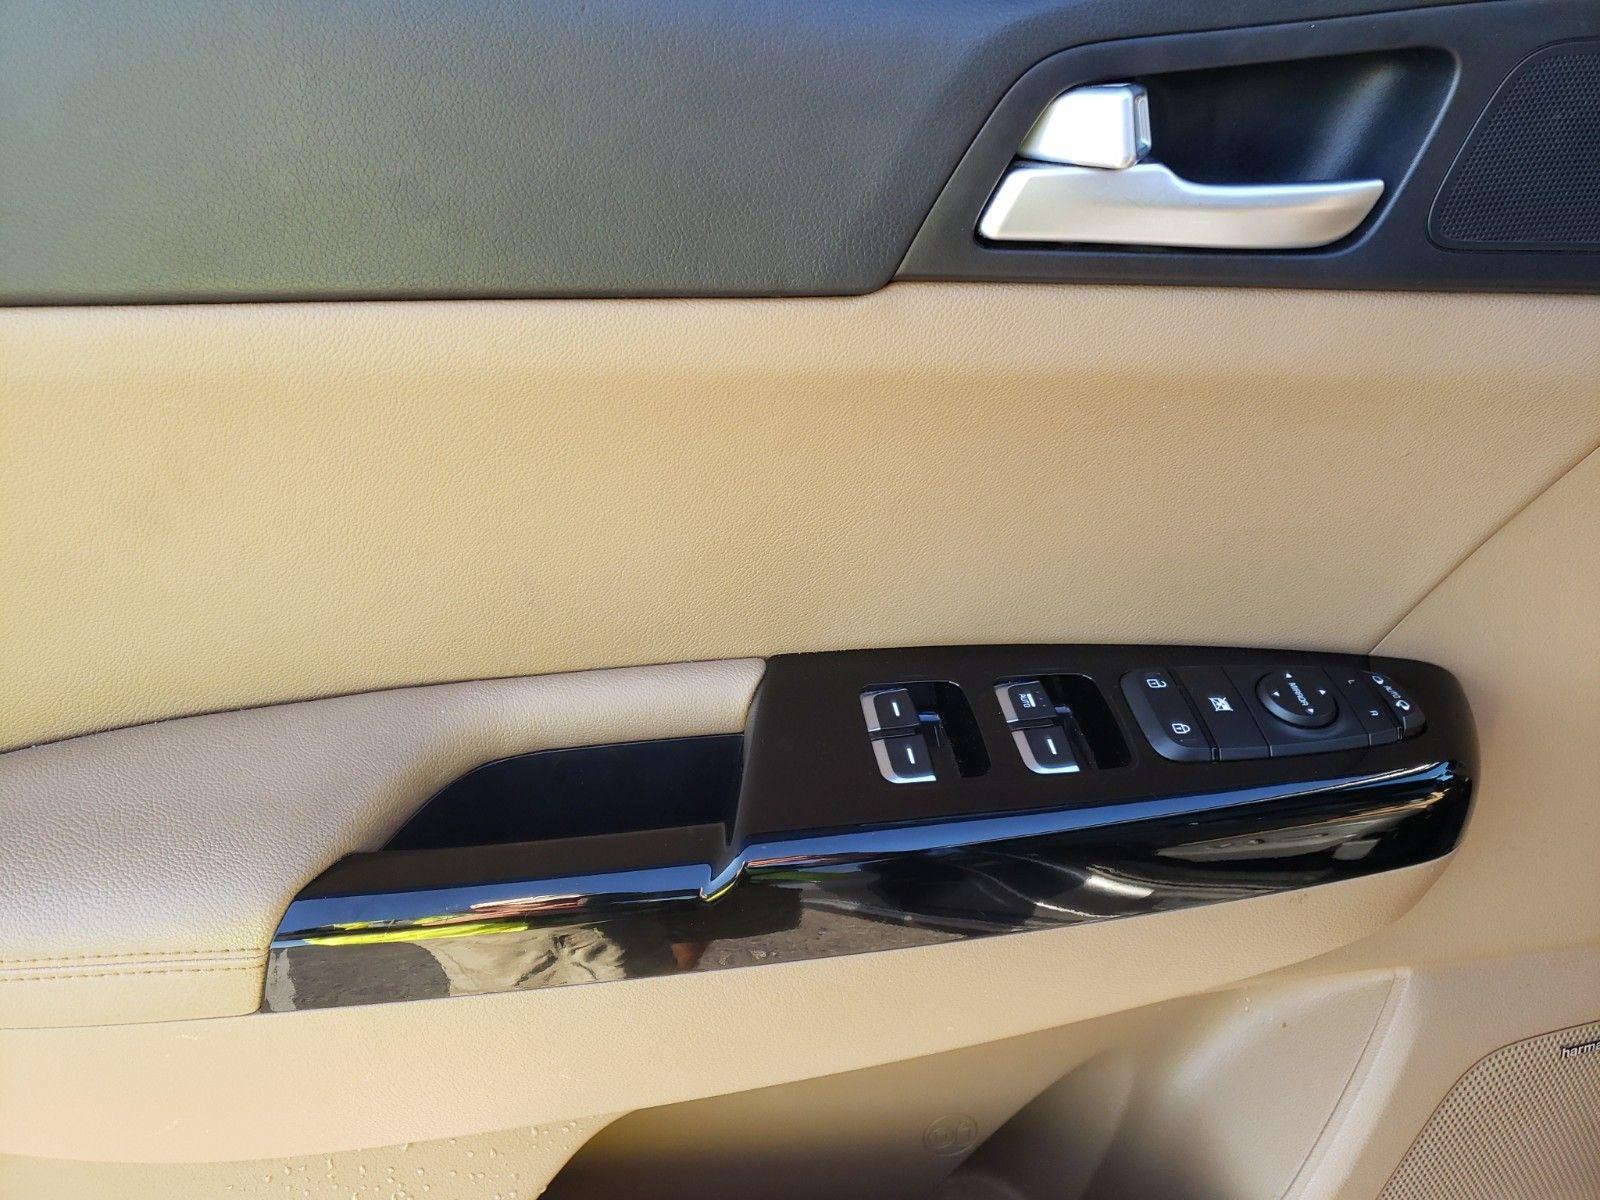 2019 KIA SPORTAGE AWD 4C SX TURBO - 9